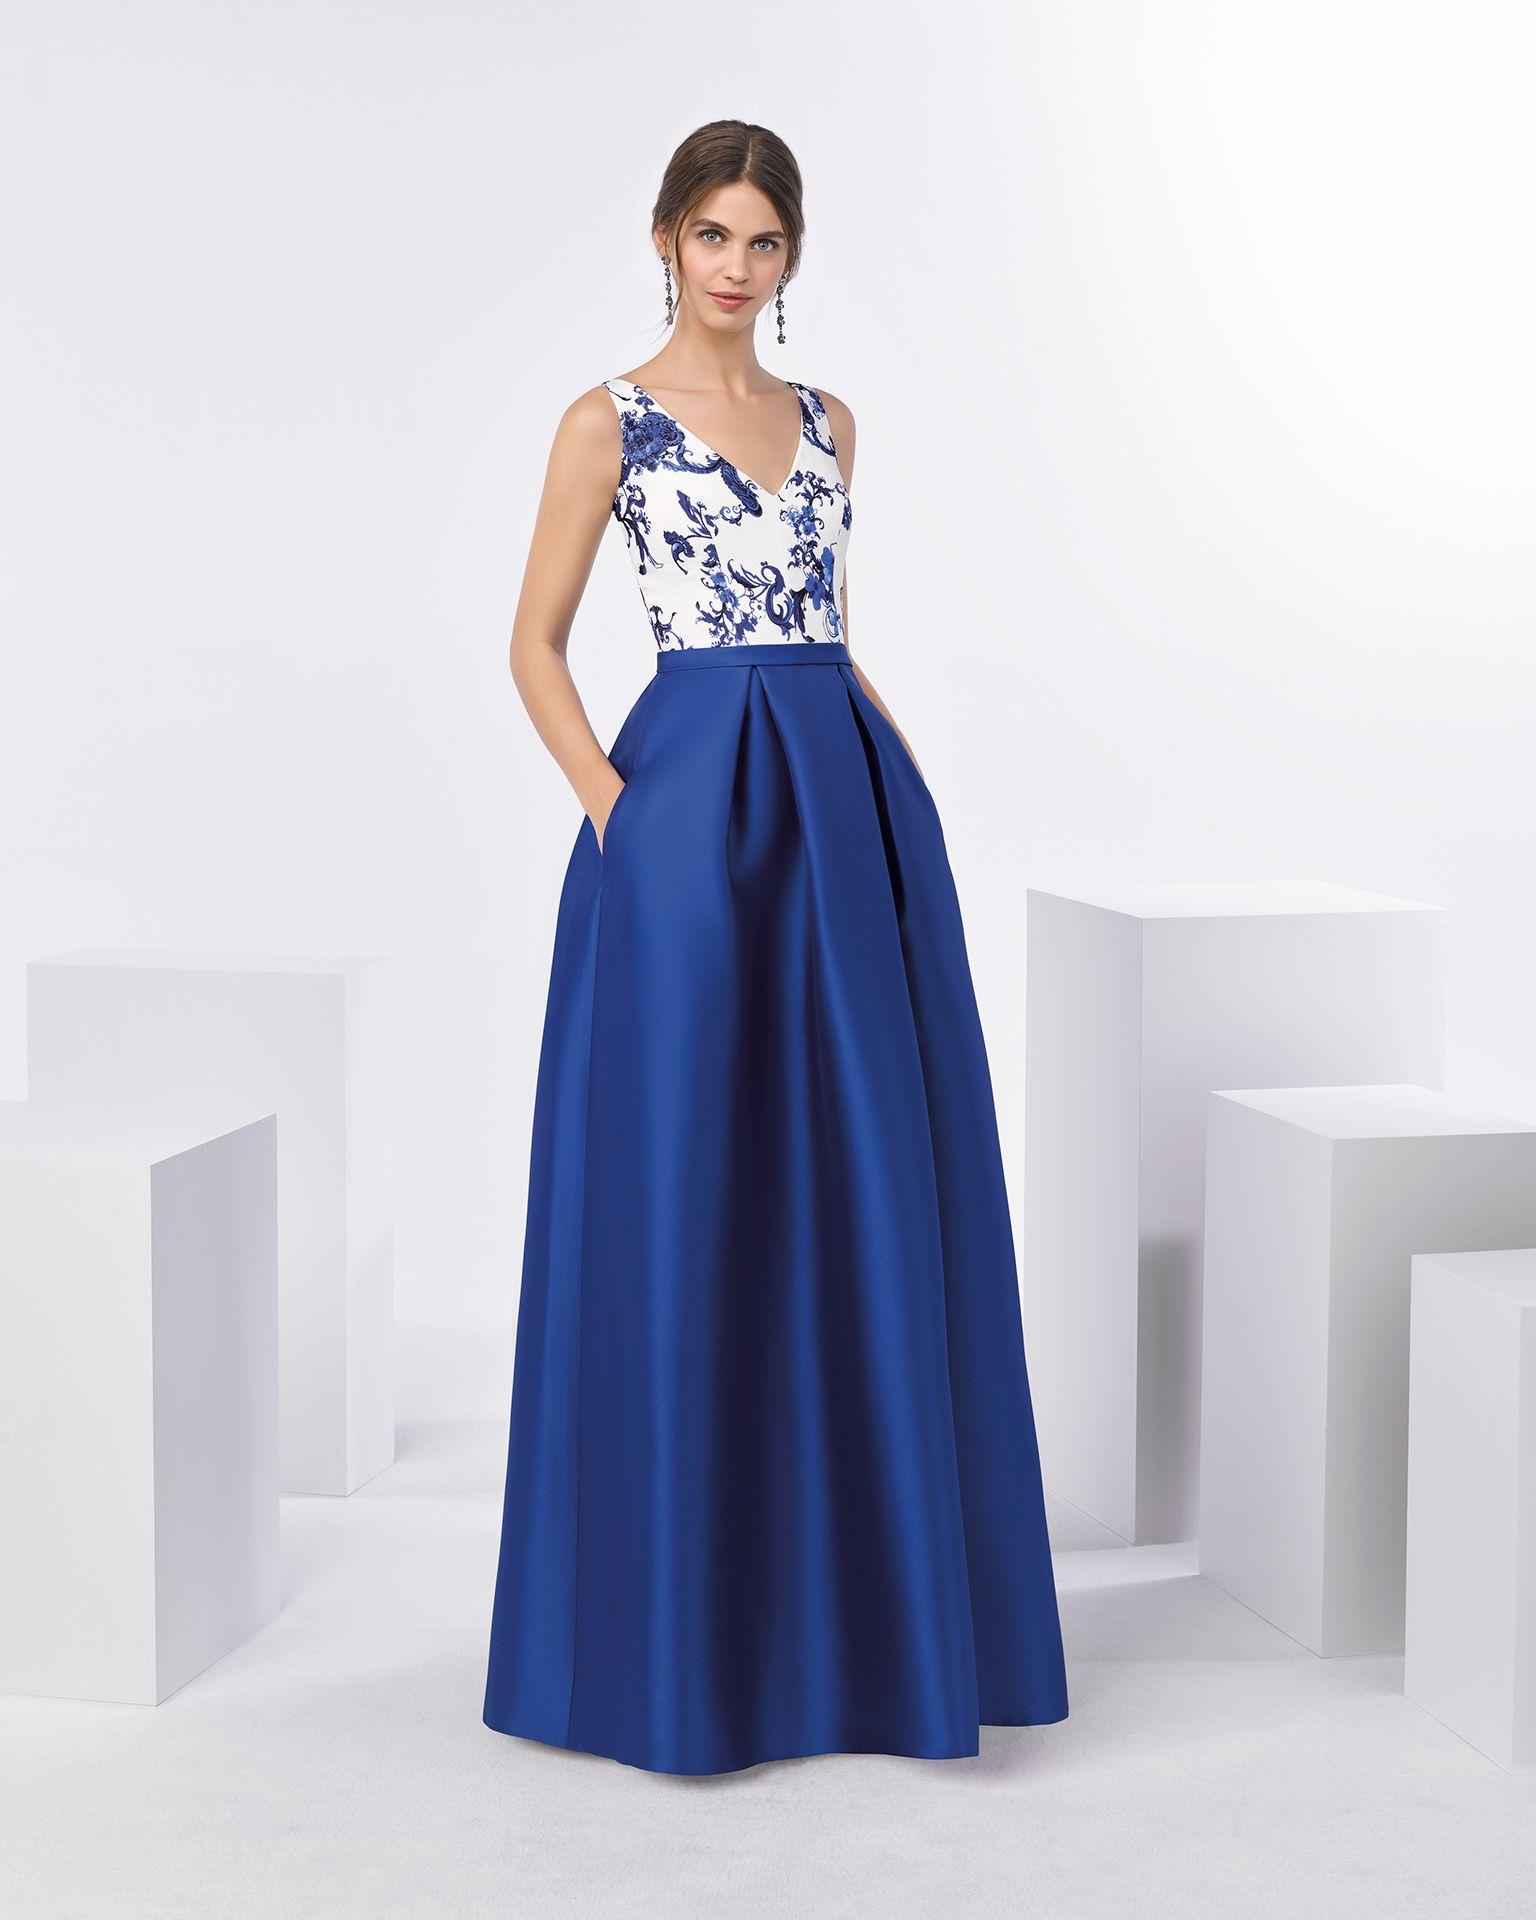 c4690ff78 Vestido de fiesta largo con amplia falda estructurada con bolsillos en  mikado y cuerpo de brocado con escote en V. Disponible en color cobalto.